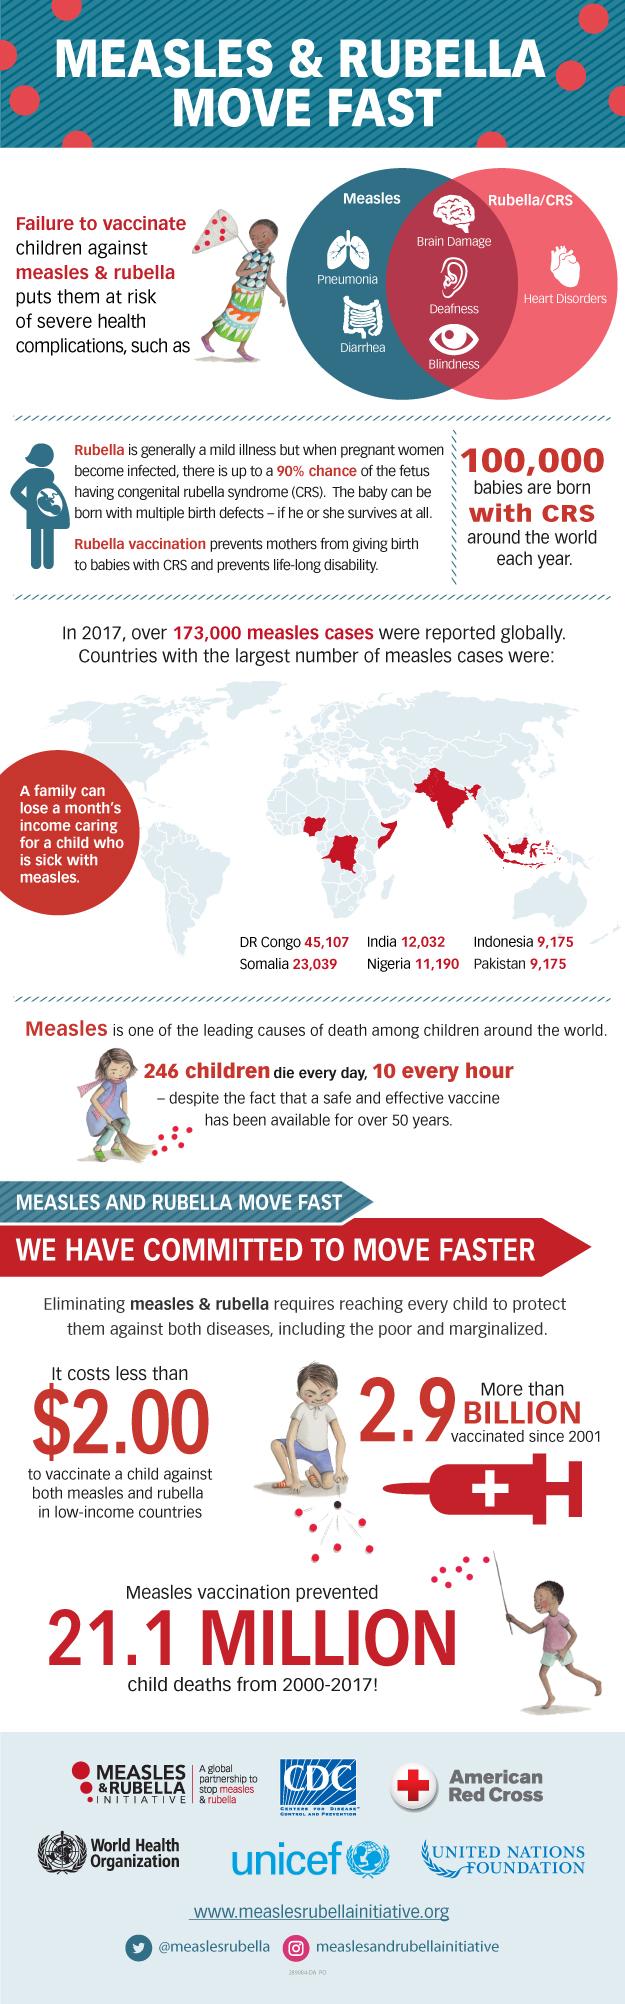 CDC Global Health - Measles & Rubella